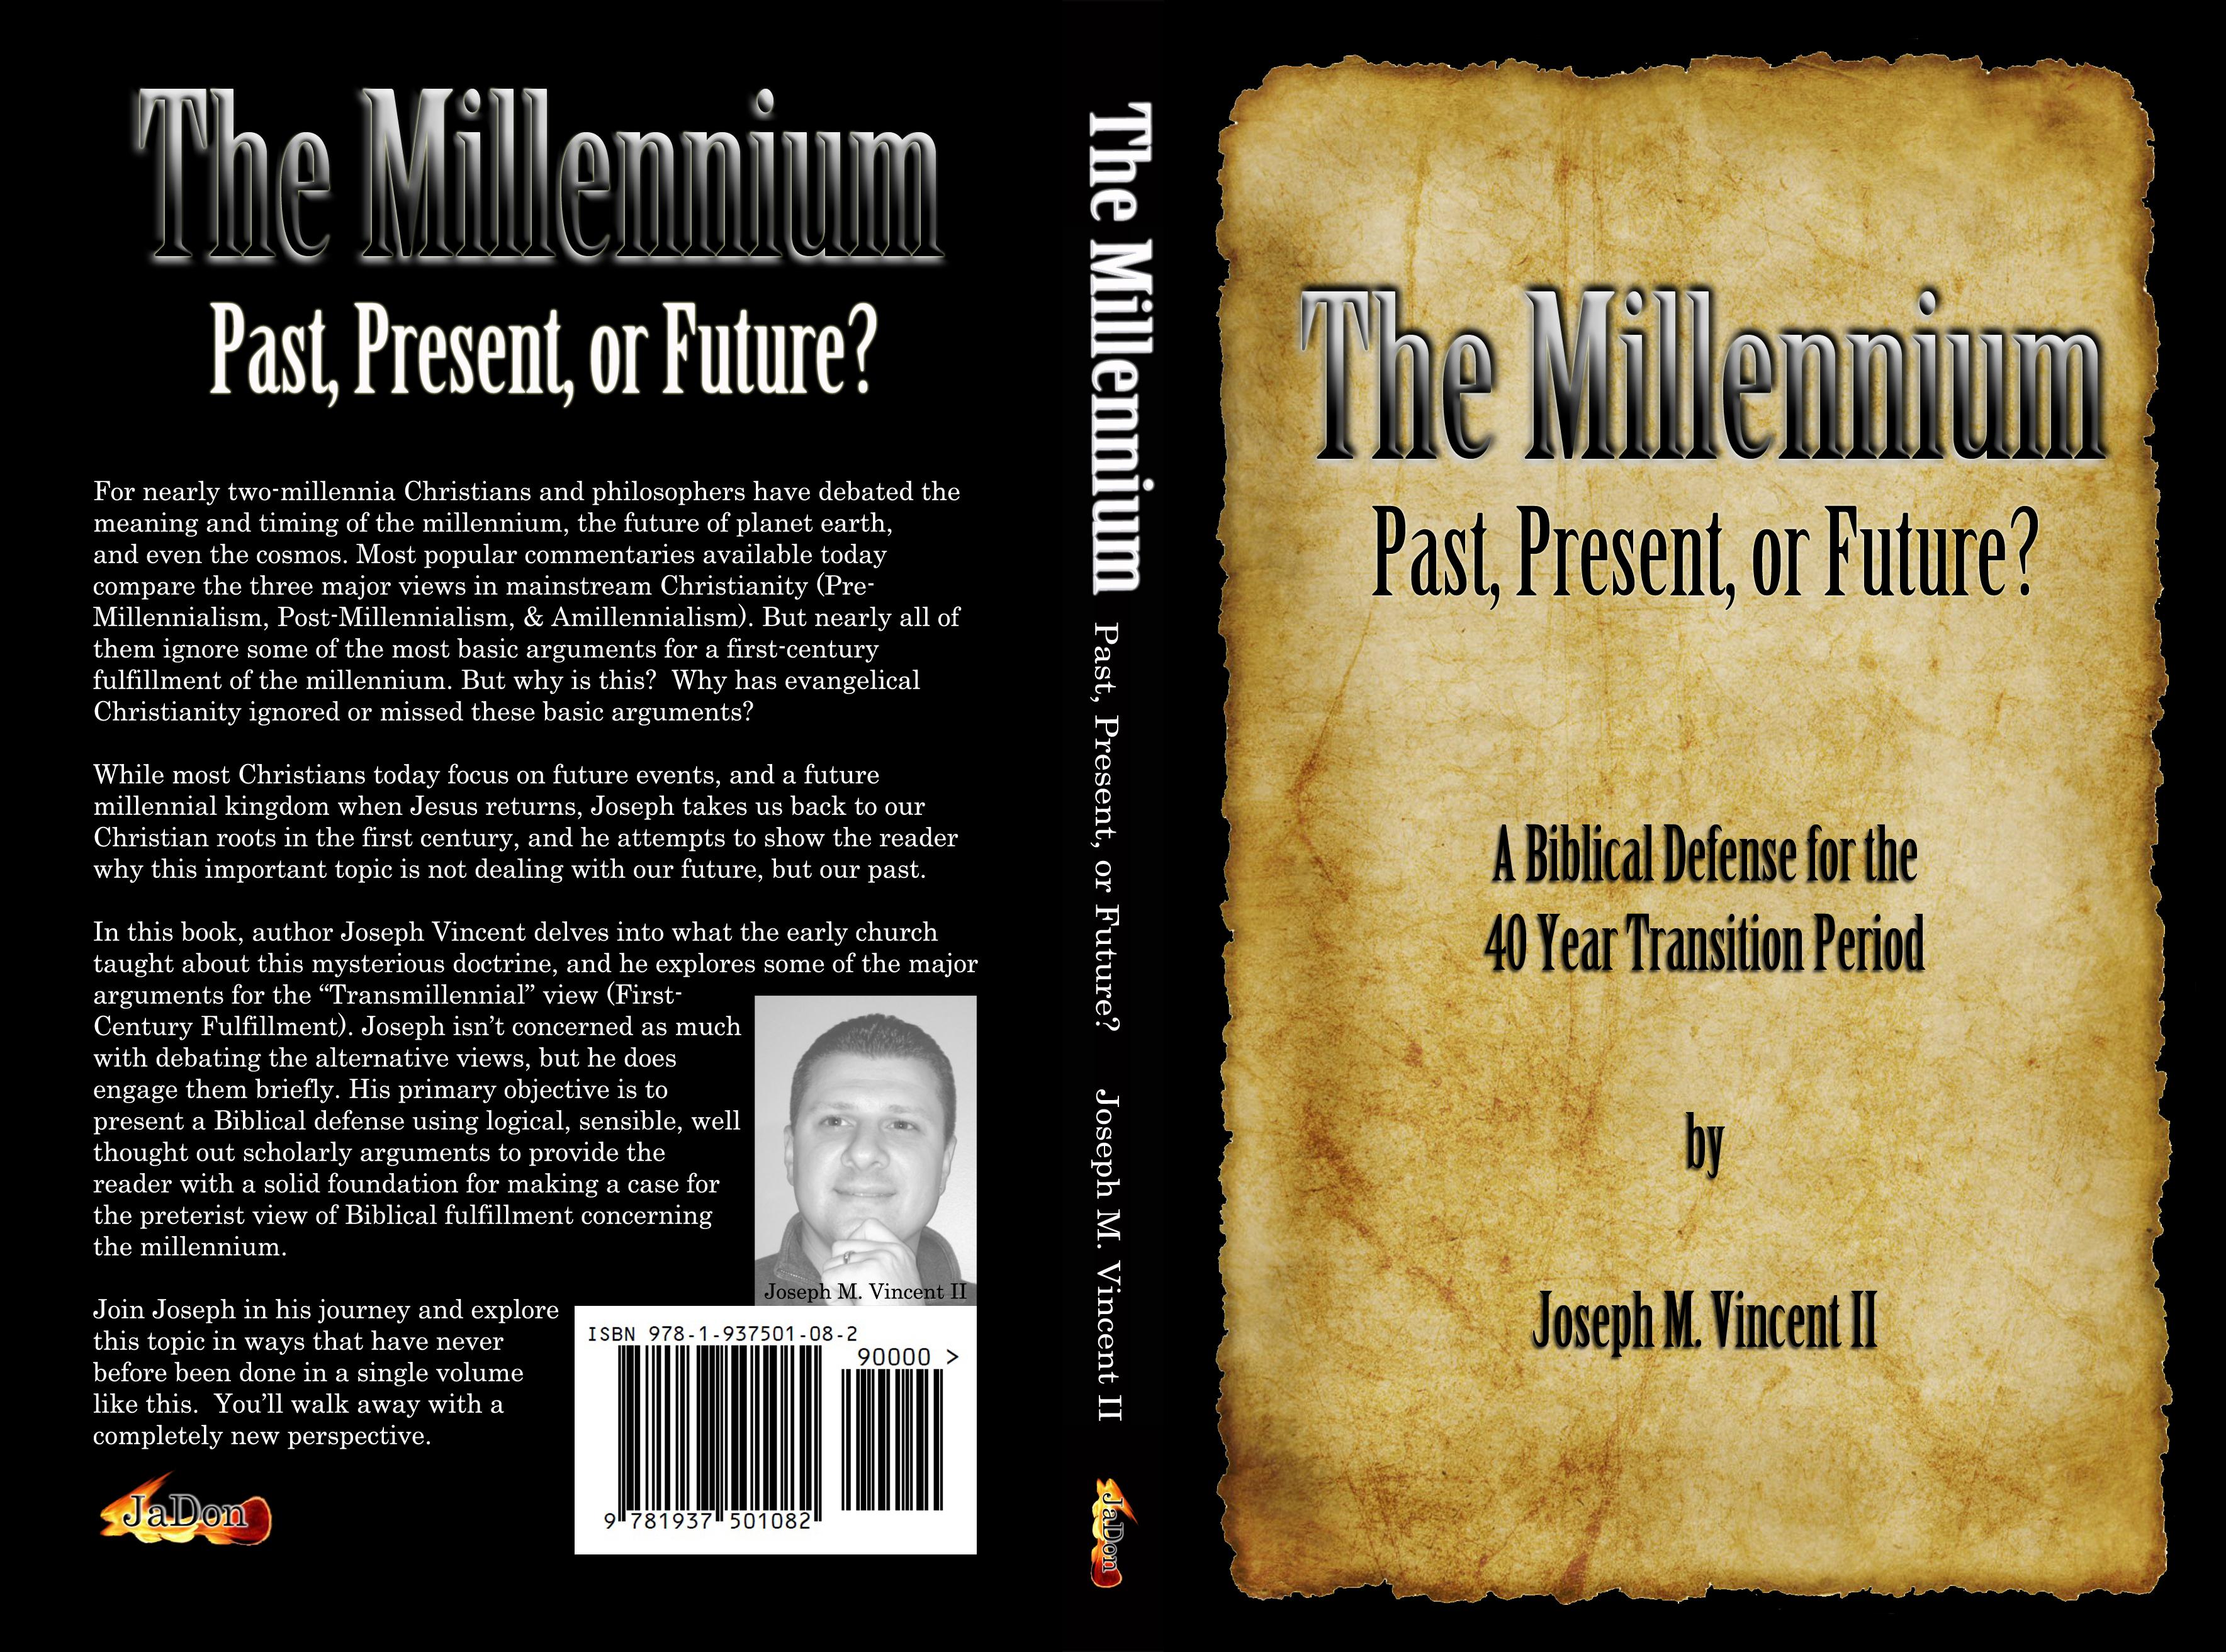 The Millennium – Past, Present, or Future?